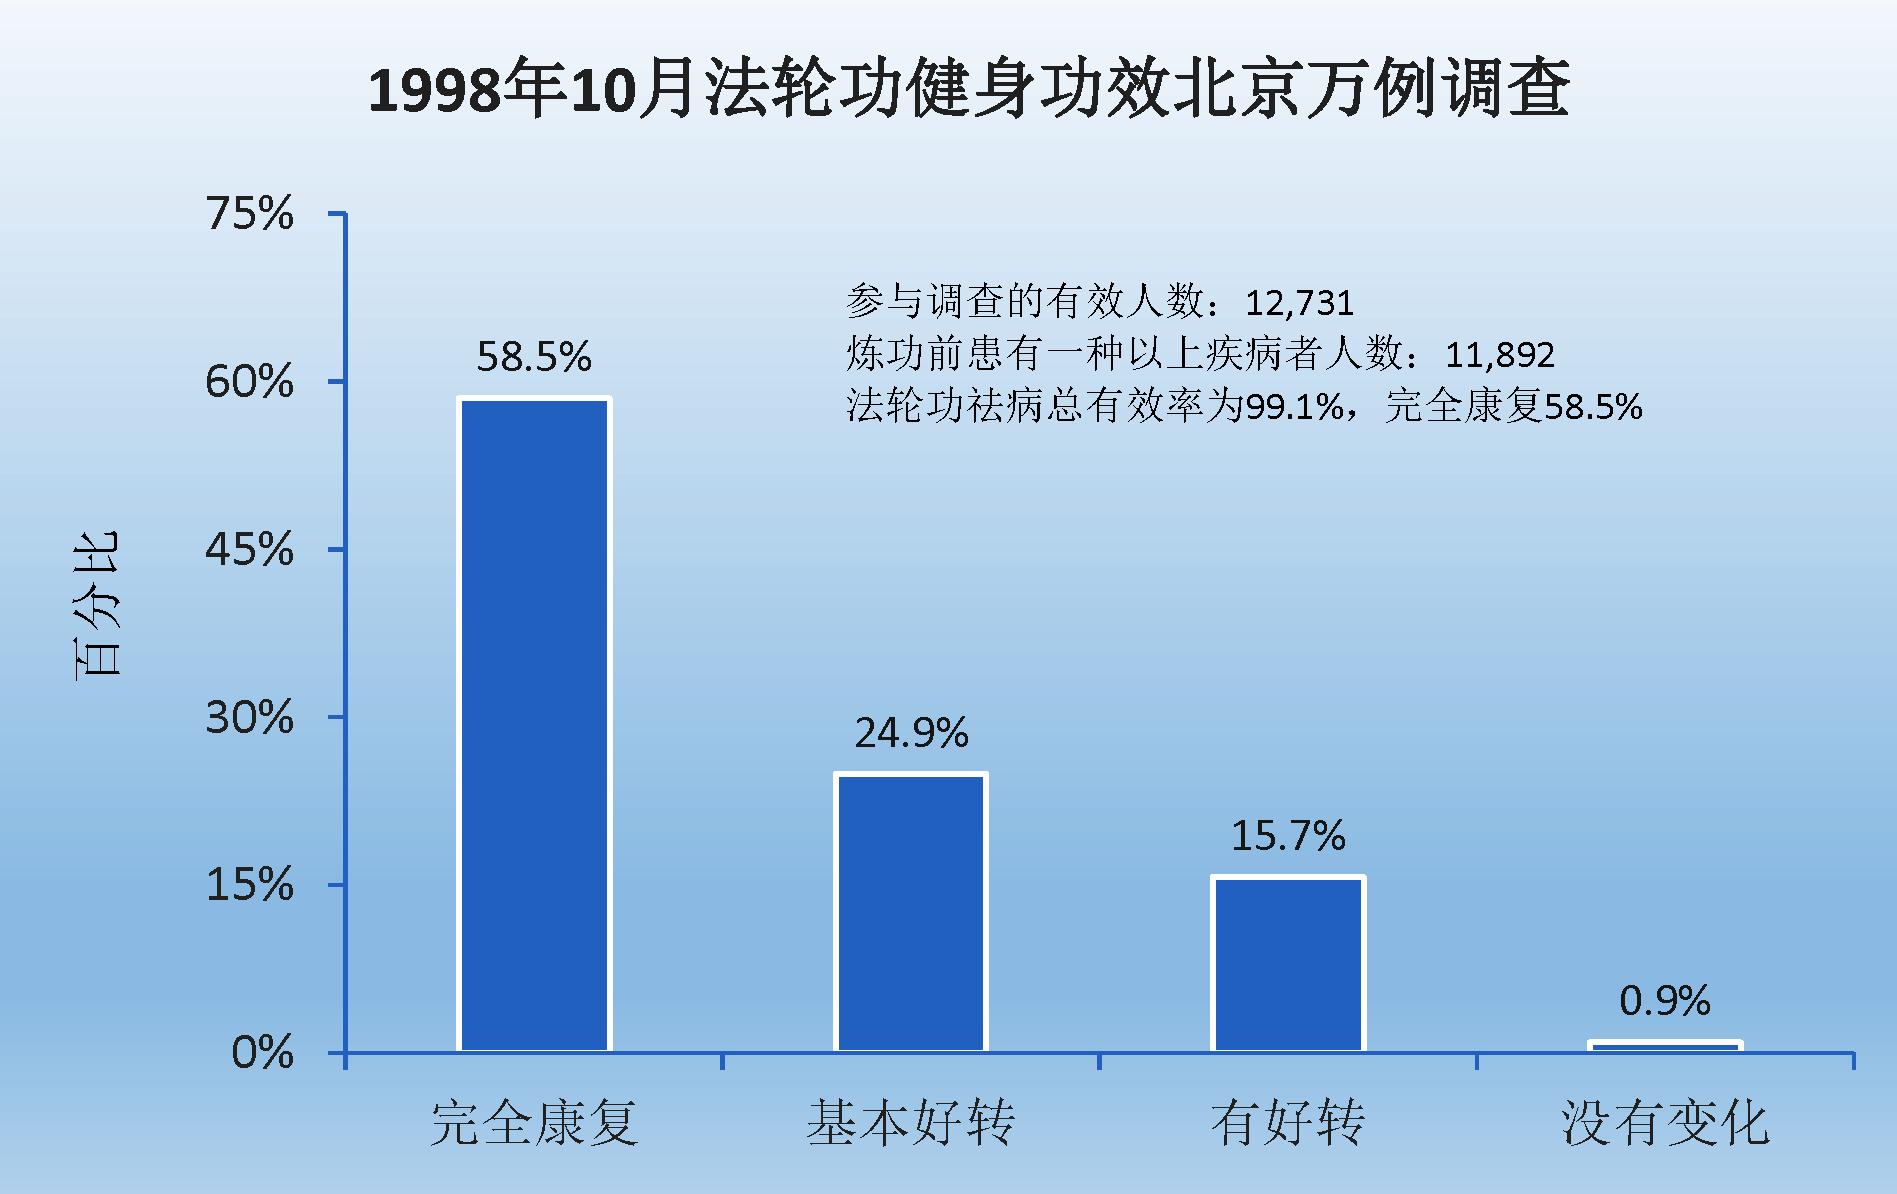 法轮功祛病健身有效率 98% (1998)